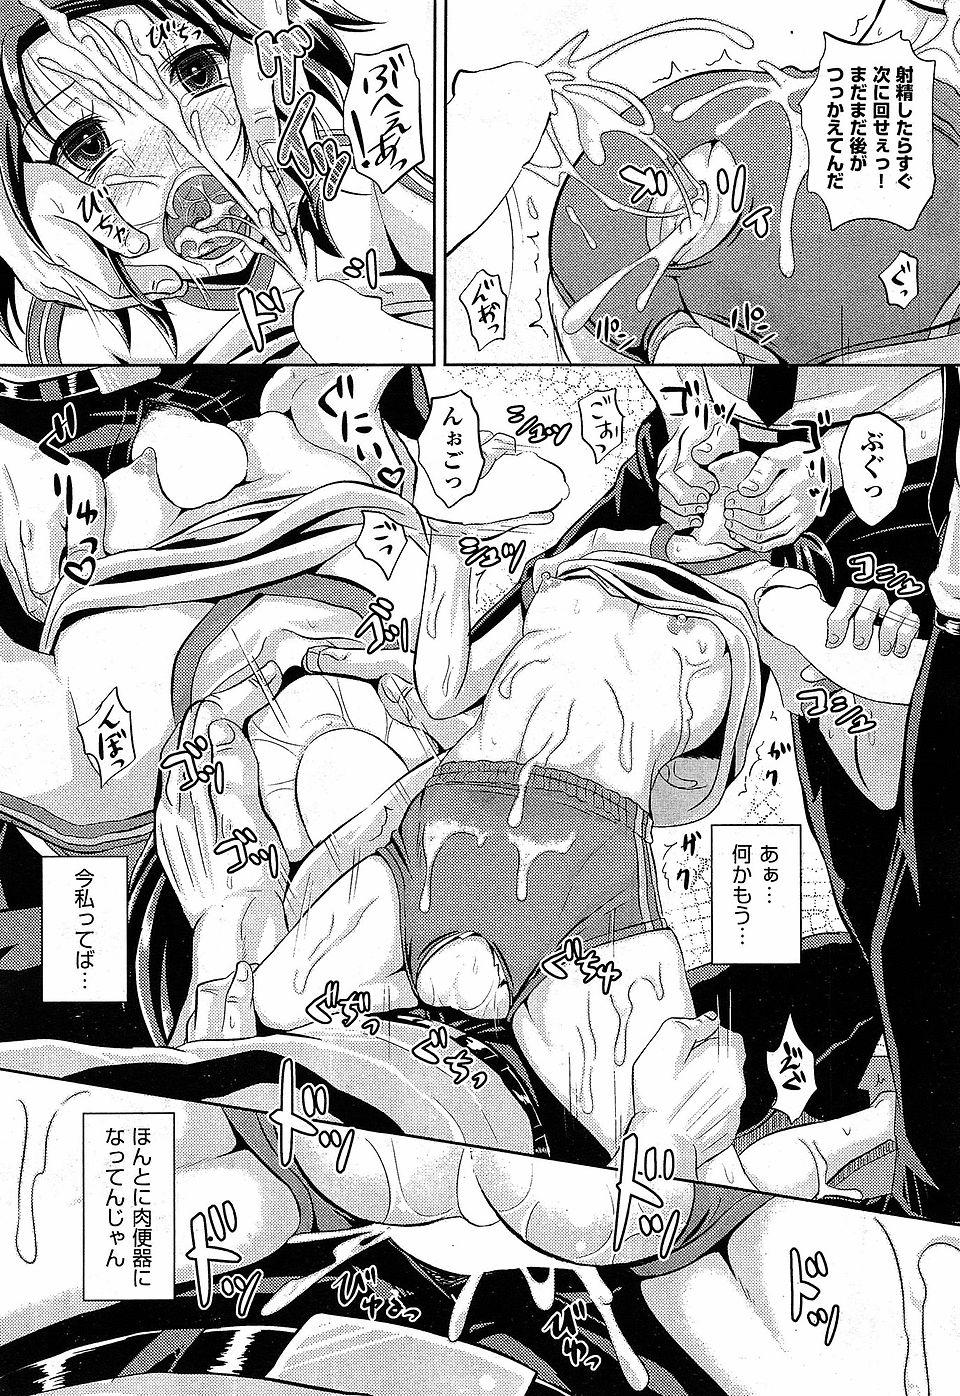 【エロ漫画・エロ同人】教師達にエロ奉仕しまくってるちっぱいビッチな女子校生www (15)